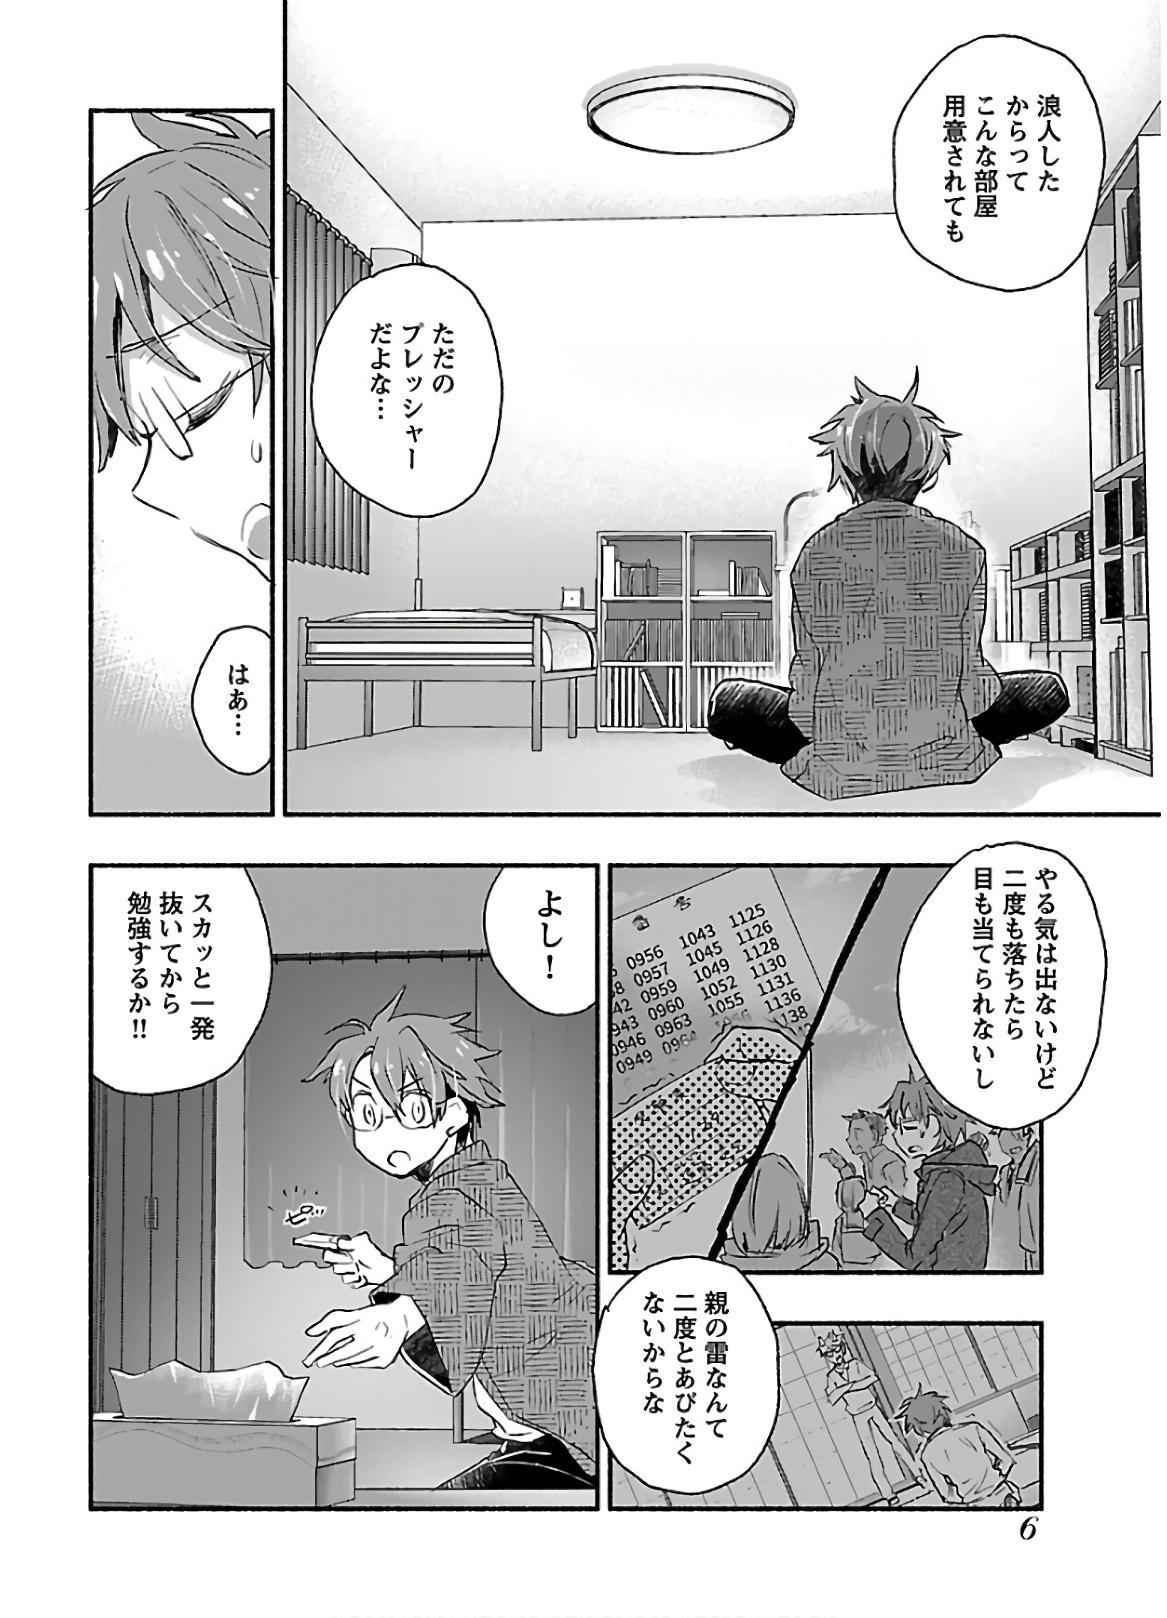 Yankii musume ni natsukarete kotoshi mo juken ni shippai shisou desu  vol.1 7